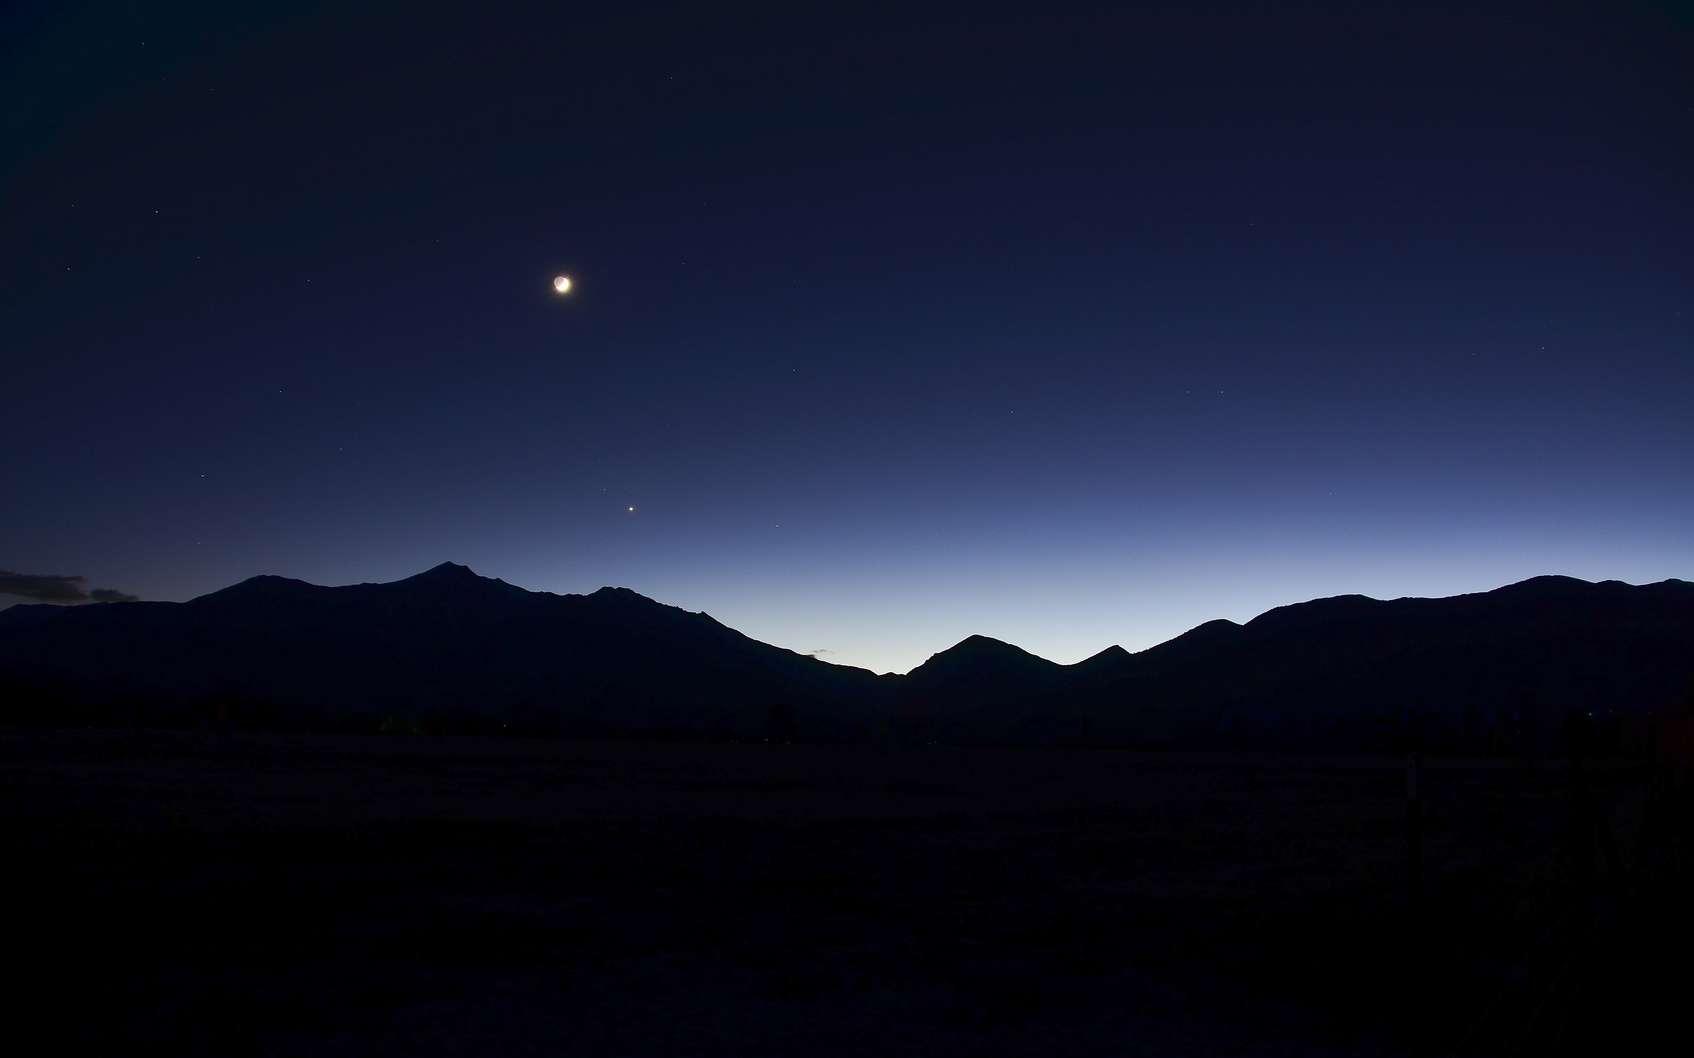 Lune et planètes au crépuscule. © Shelley, Fotolia